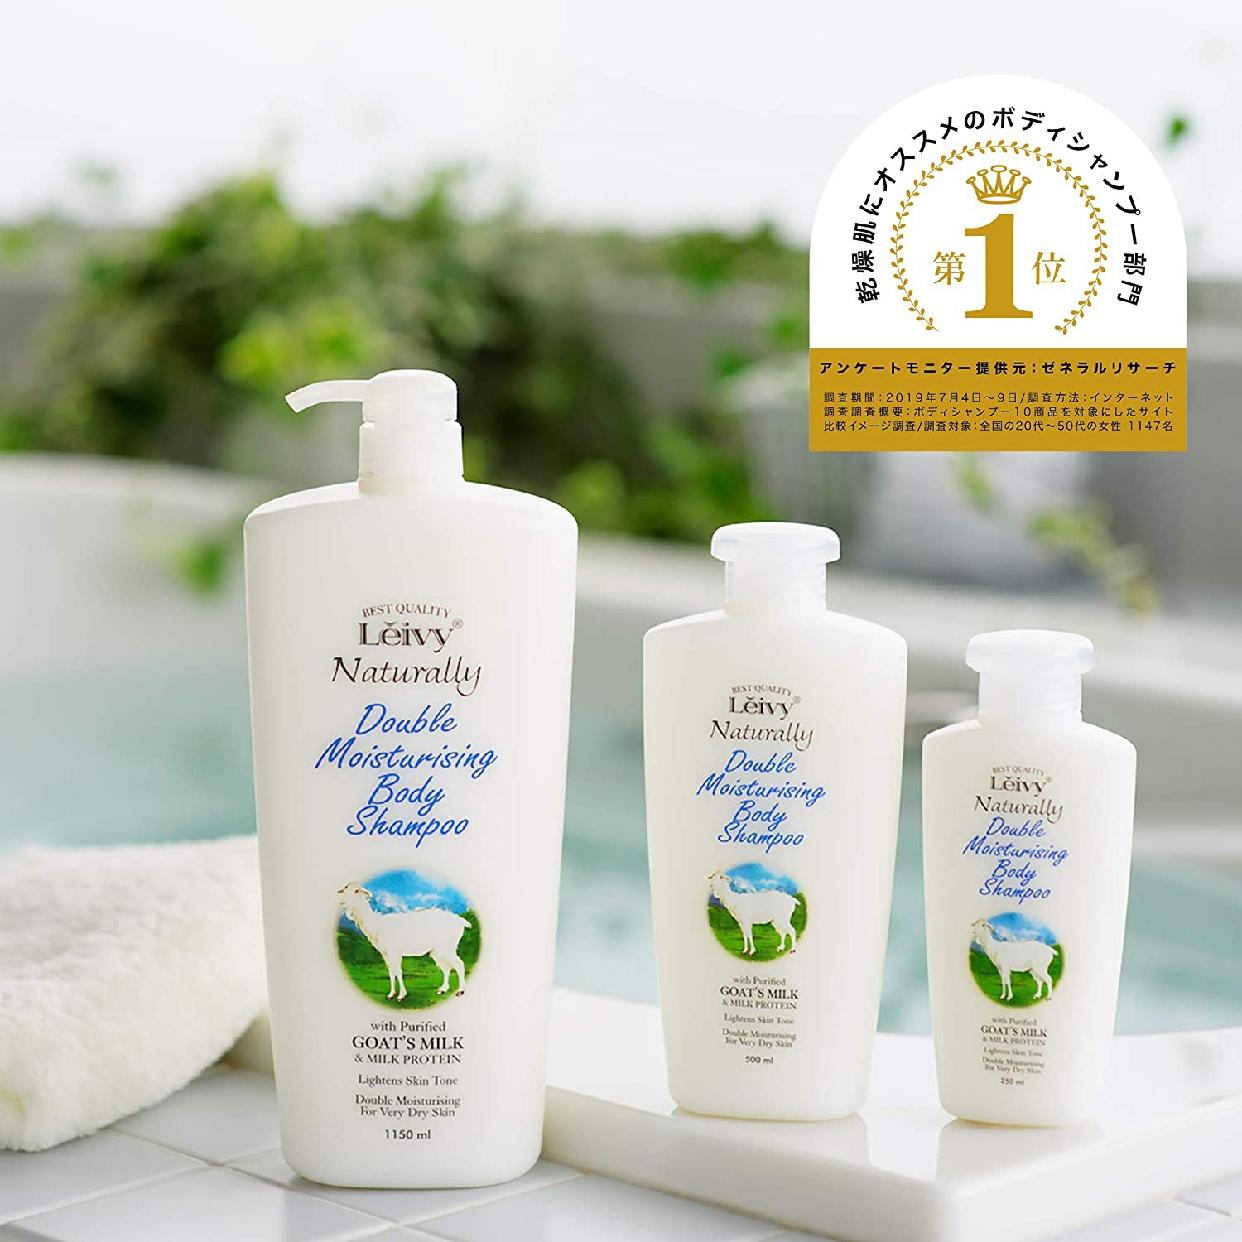 Leivy Naturally(レイヴィー・ナチュラリー)ボディシャンプー ゴートミルク&ミルクプロテインの商品画像3